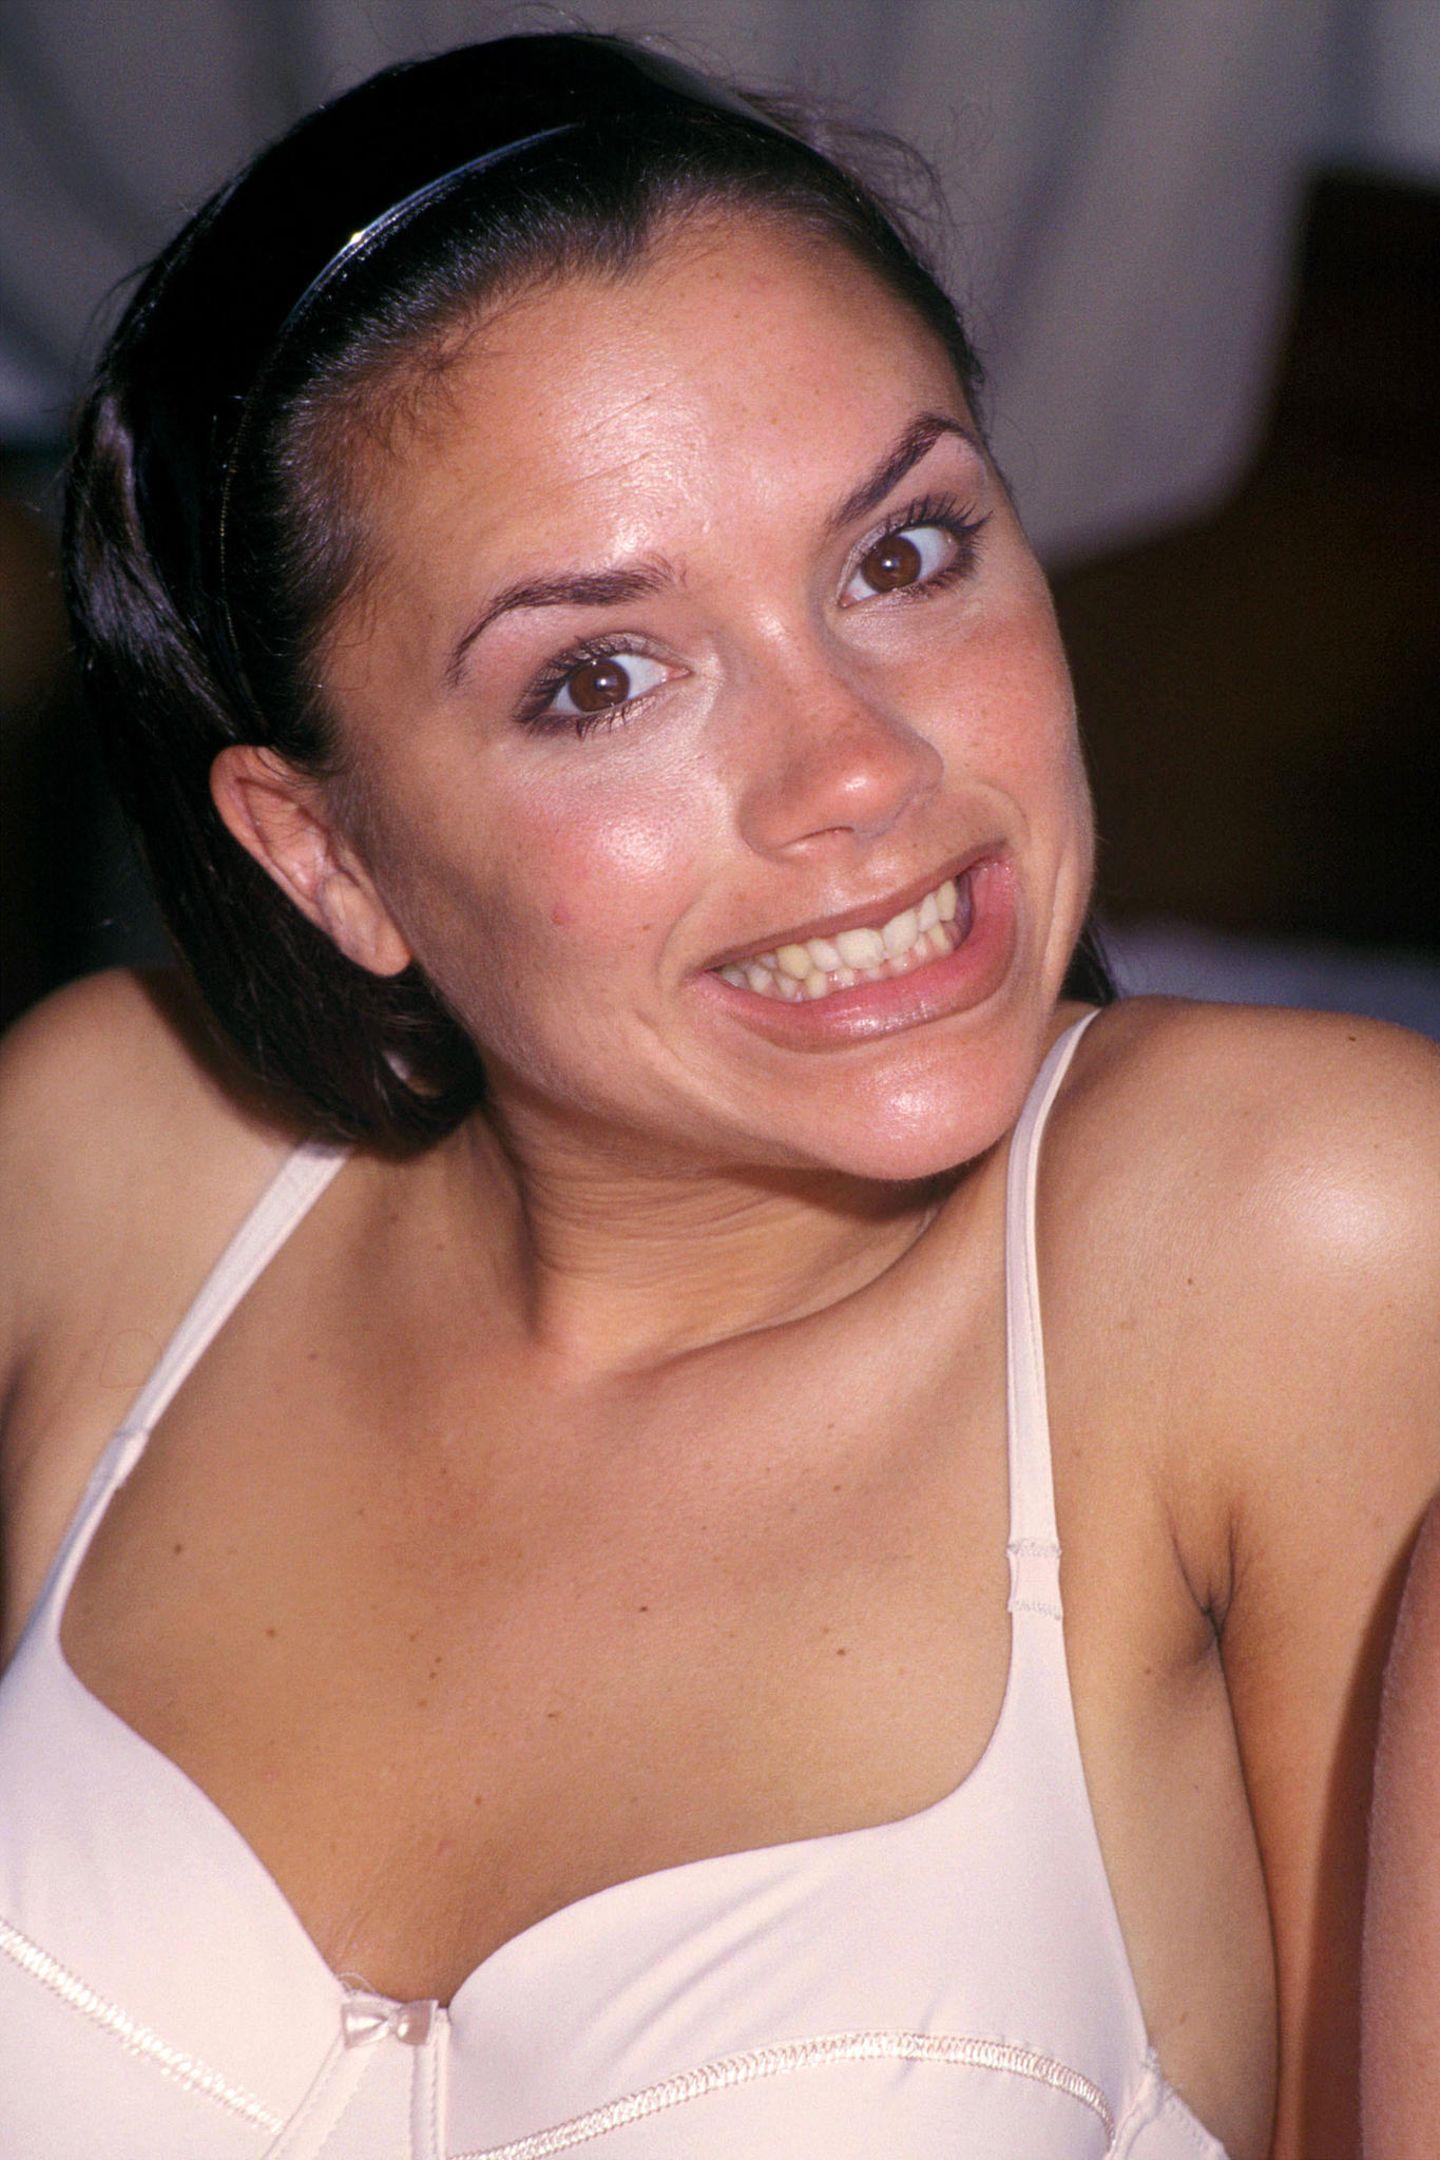 1997  Wenig Make-up, Sommersprossen, ein breites Grinsen - mit diesem Look wird Victoria Beckham zu einer der bekanntesten Frauen der Welt. Gerade wirdsie mit den Spice Girls weltweit gefeiert.